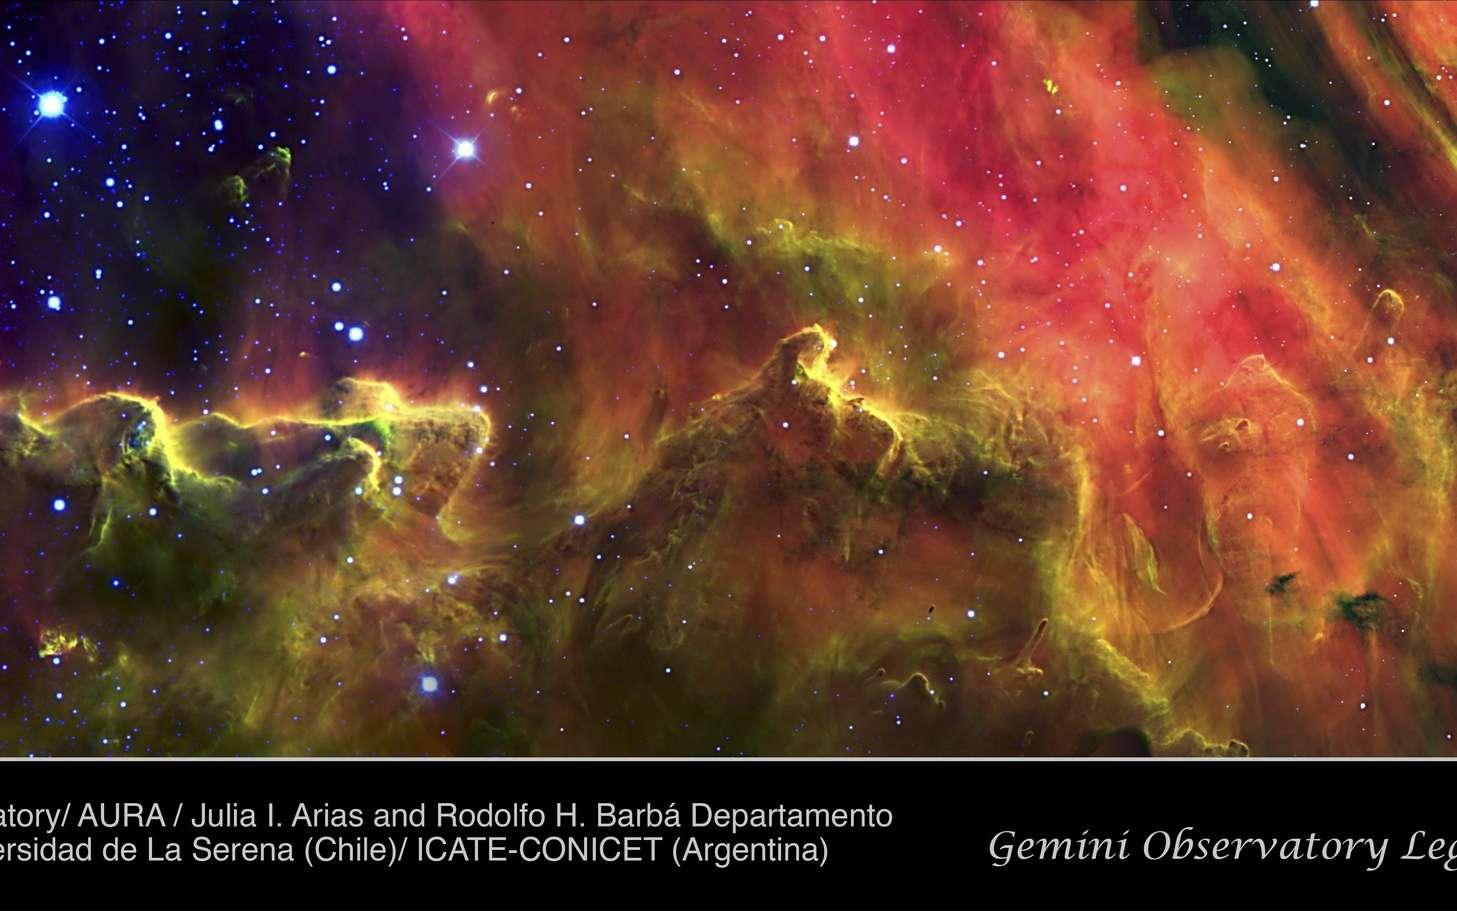 Les couleurs psychédéliques de la nébuleuse de la Lagune. © I. Arias/Rodolfo H. Barbá/Departamento de Física, Universidad de La Serena (Chile), and ICATE-CONICET